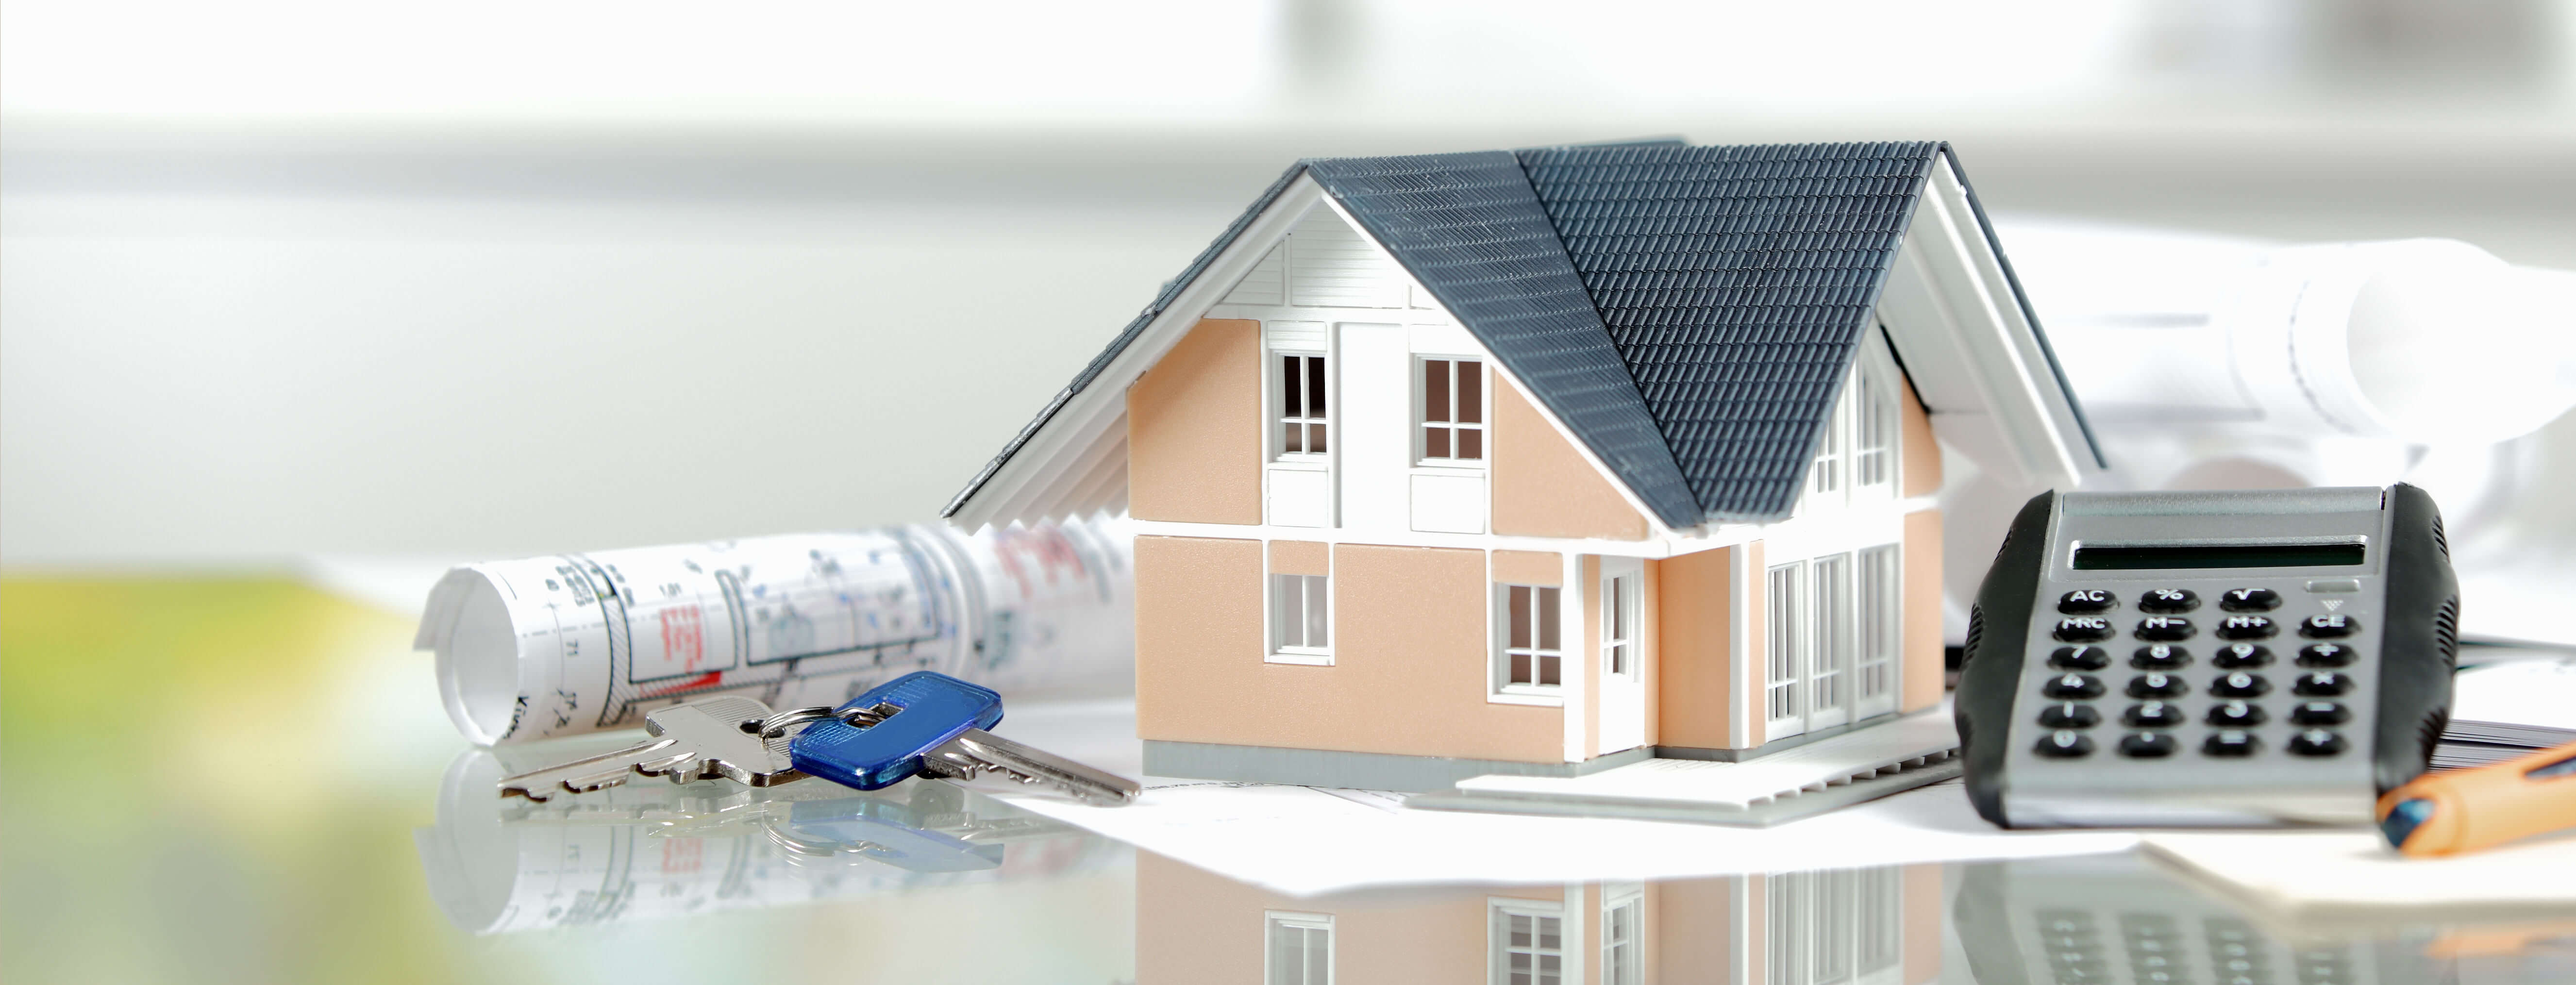 Rente berekenen bereken je lening per maand voor de hypotheek for Hoogte hypotheek